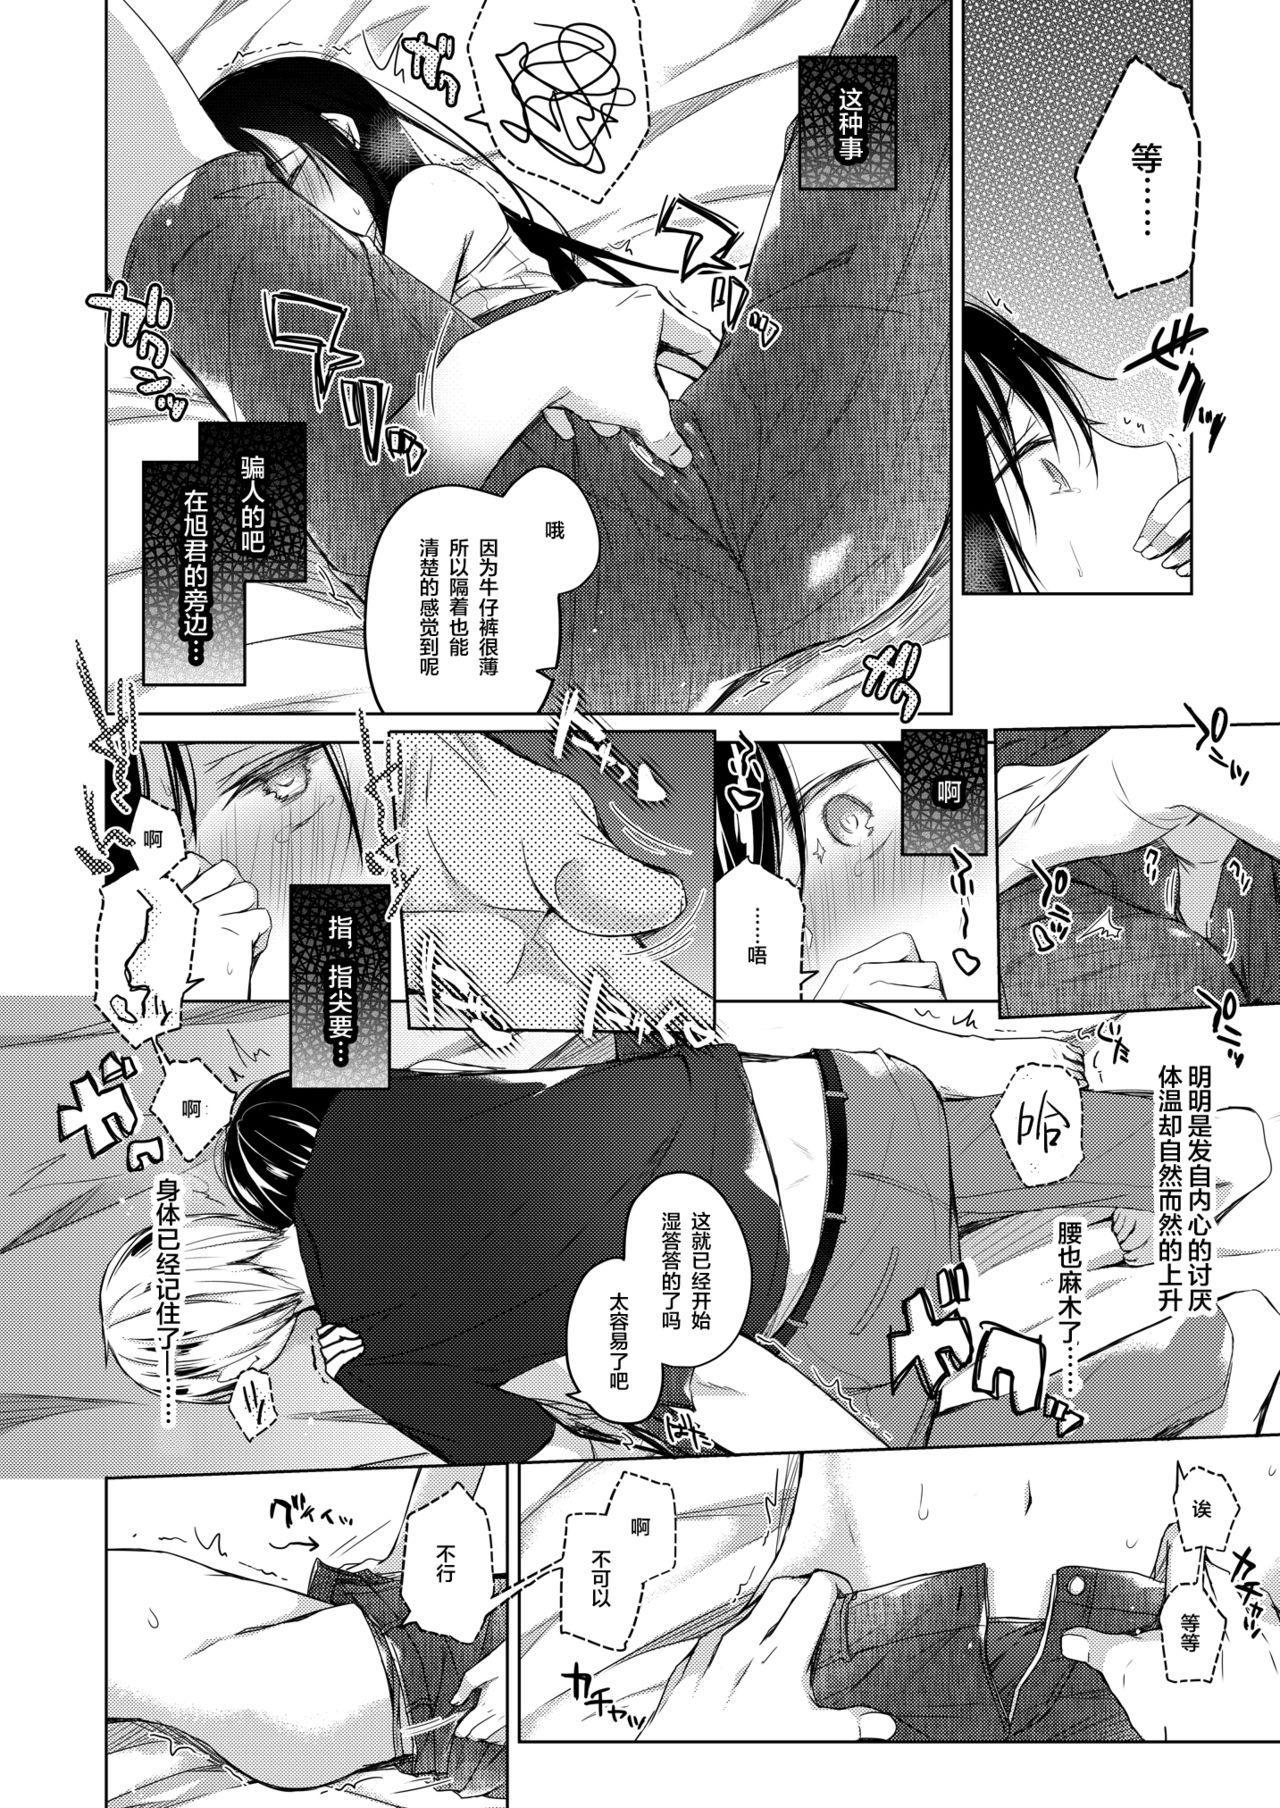 Ero Doujin Sakka no Boku no Kanojo wa Uwaki nante Shinai. 3 - She will never let me down. 23